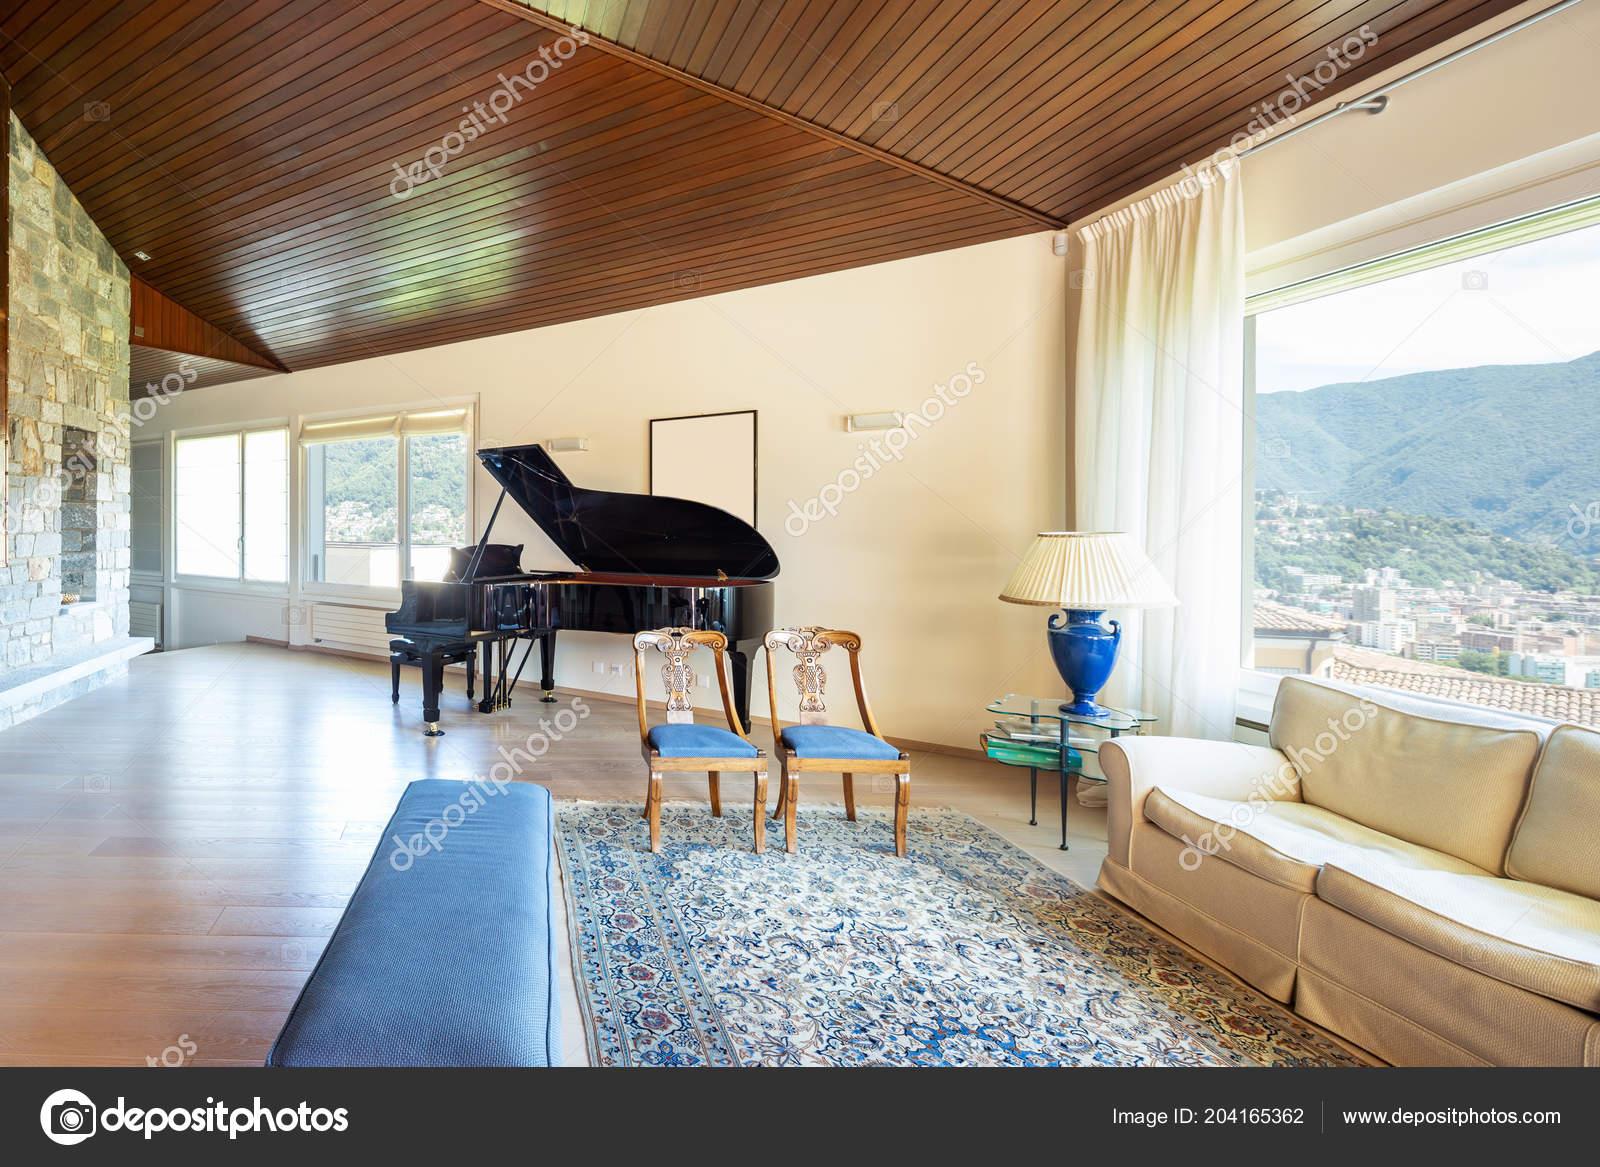 salon moderne avec plafond bois dans villa personne interieur image libre de droit par zveiger c 204165362